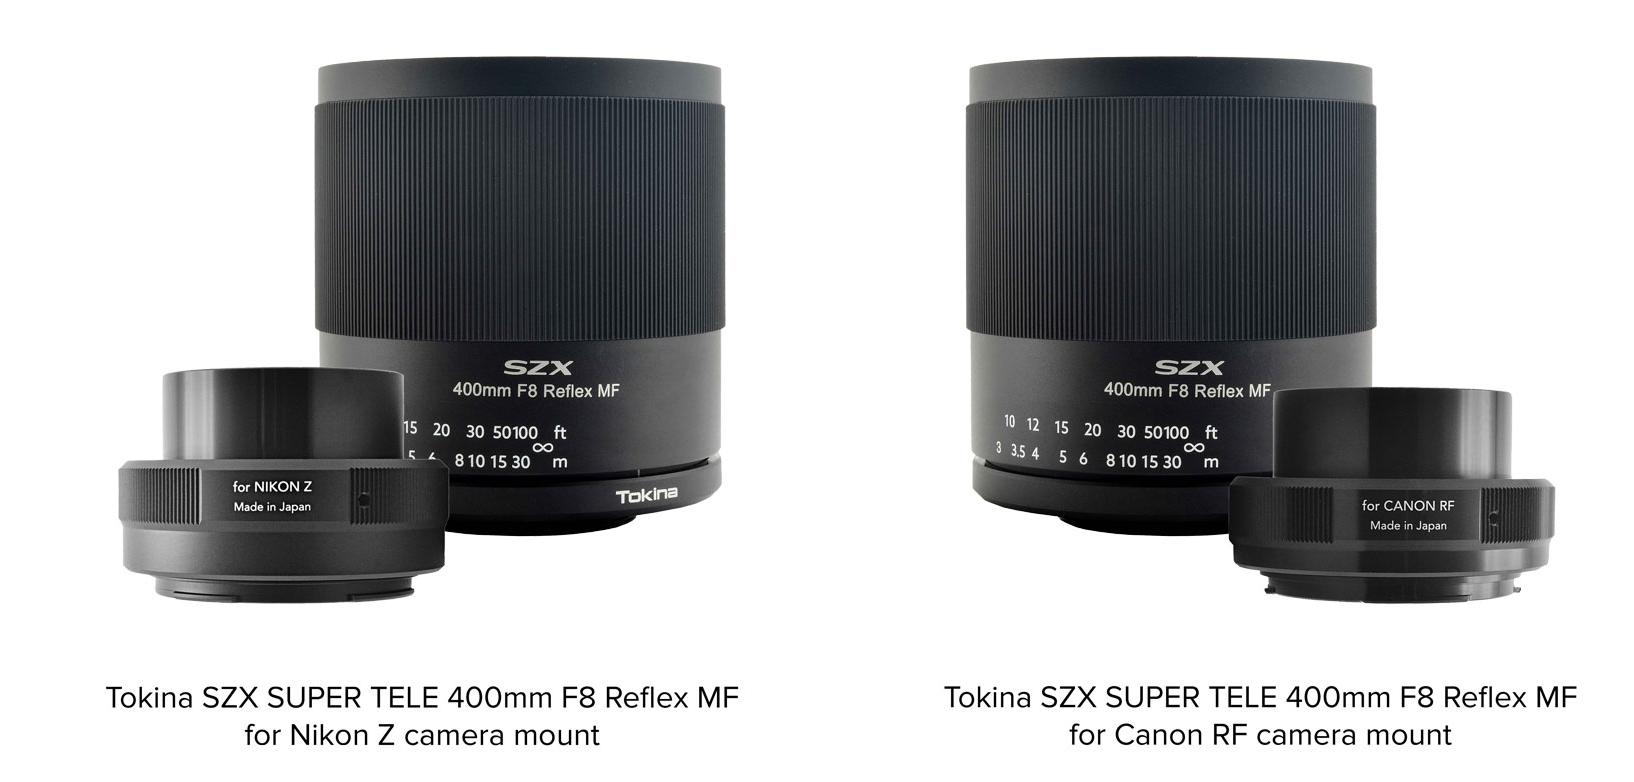 Tokina Teleobjektiv SZX SUPER TELE 400mm F8 Reflex MF für Nikon Z und Canon RF-Mount vor weißem Hintergrund